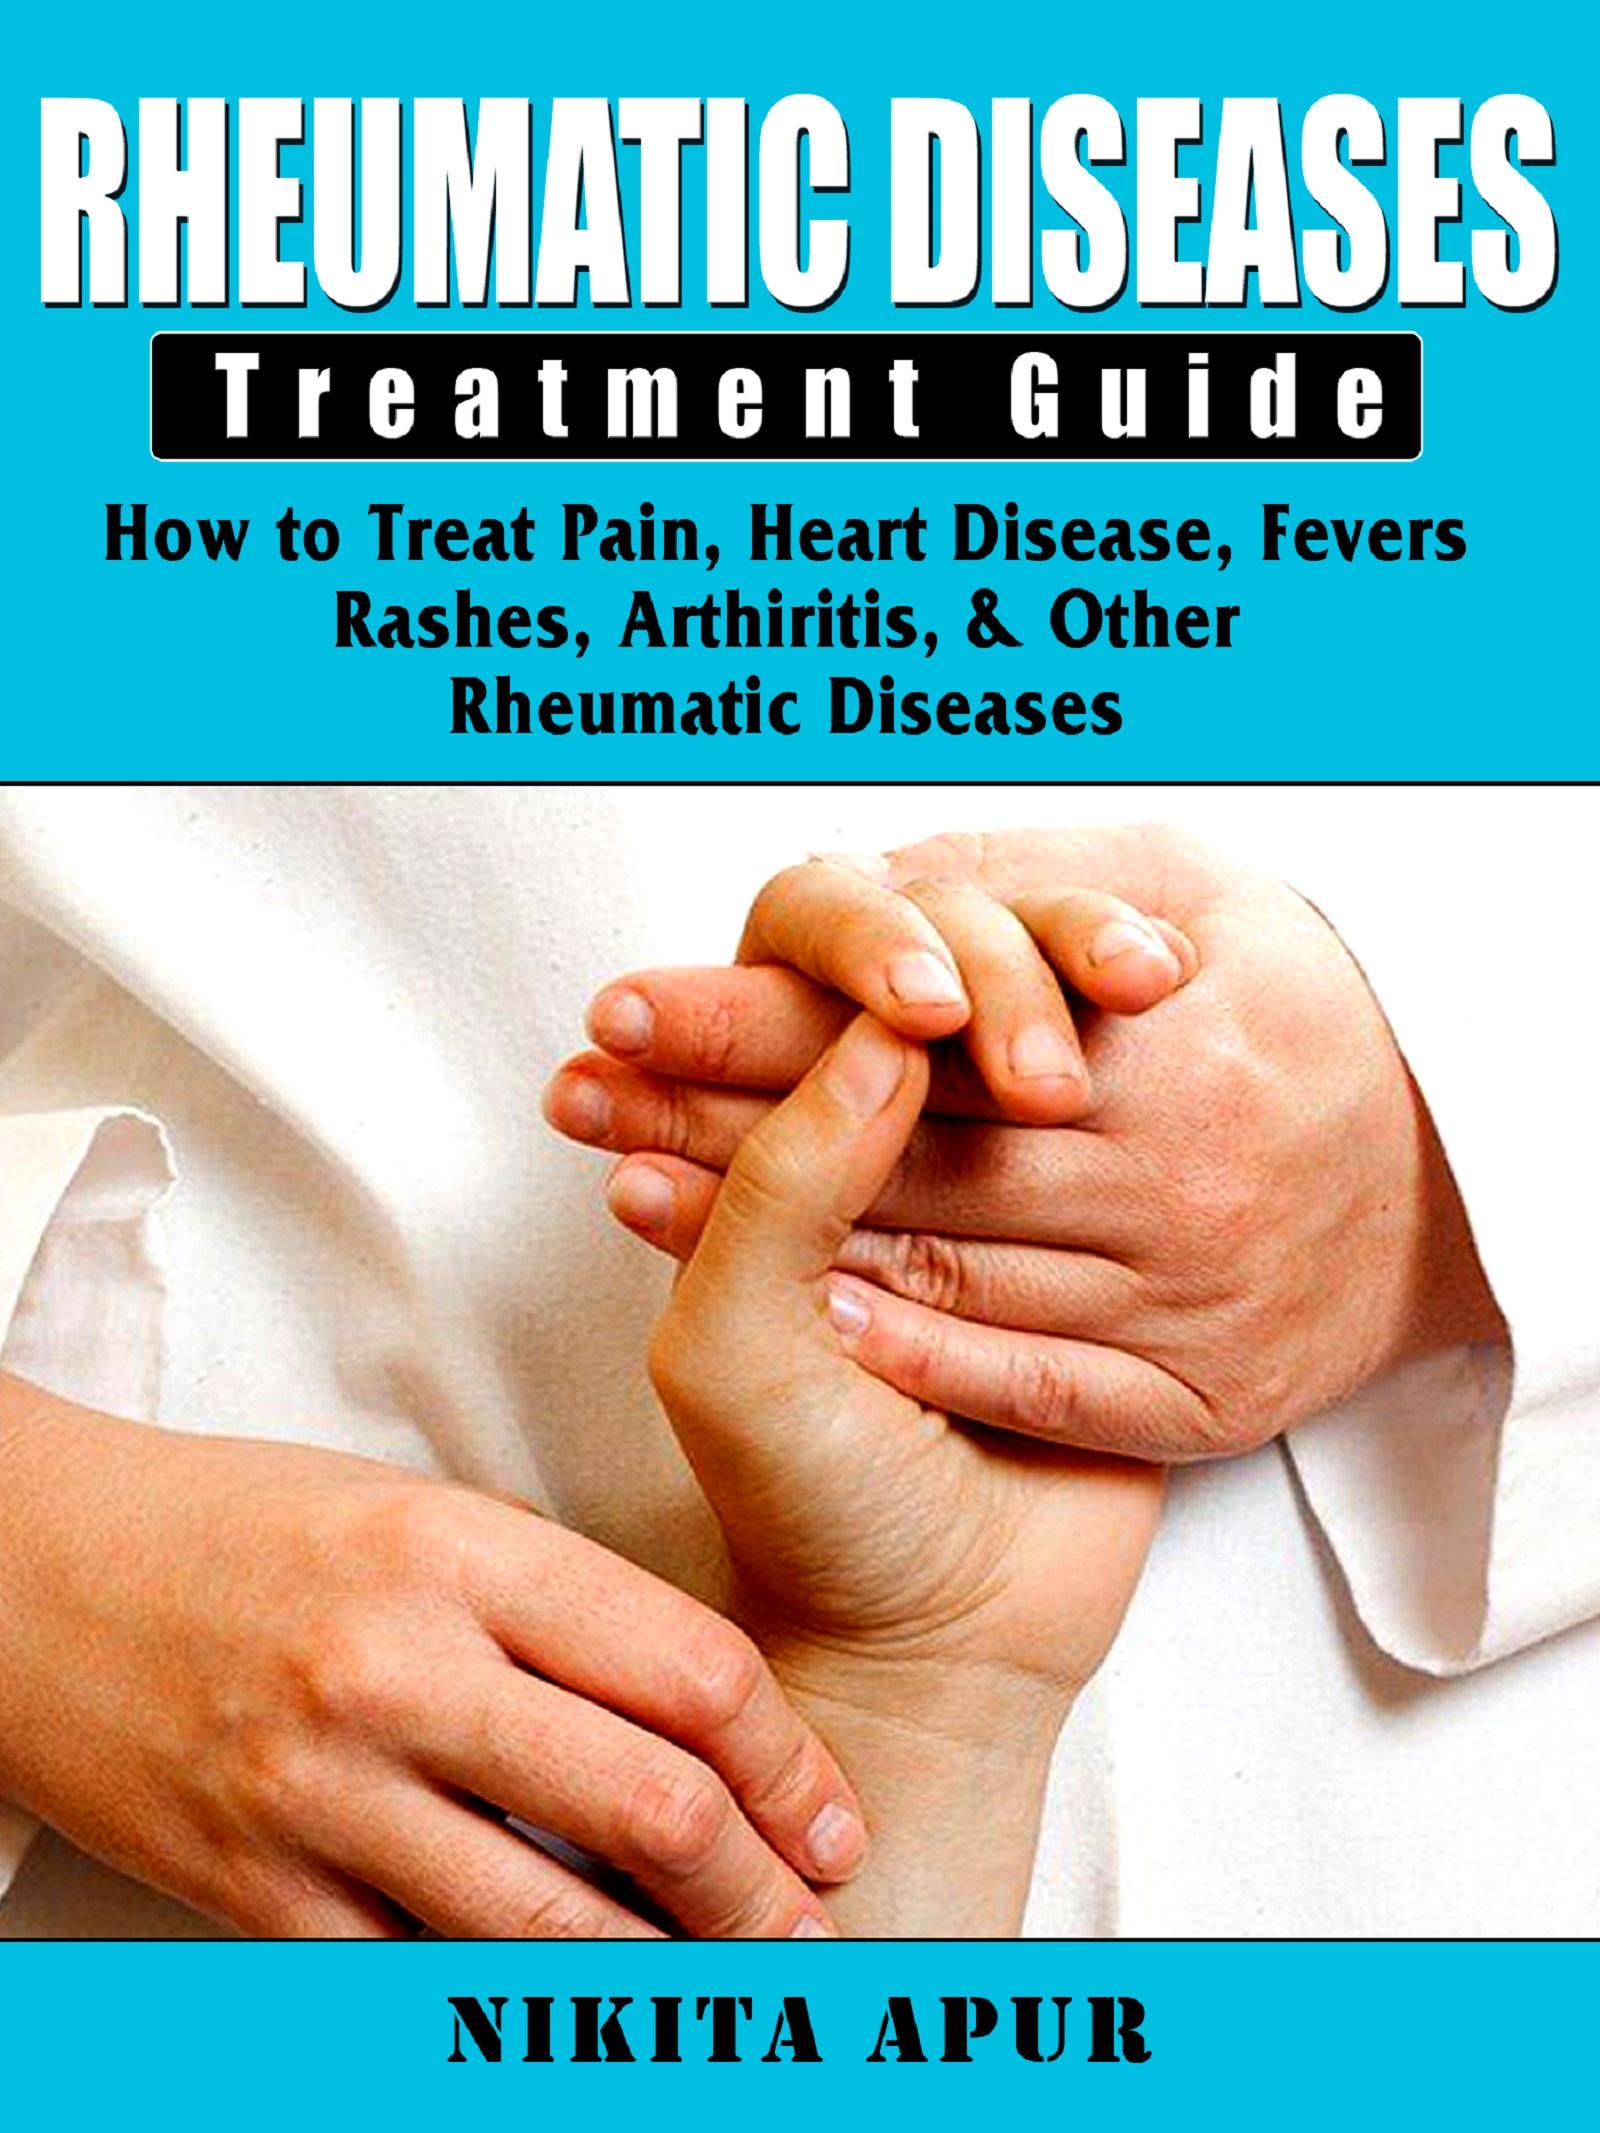 Rheumatic disease treatment guide: how to treat pain, heart disease, fevers, rashes, & arthiritis